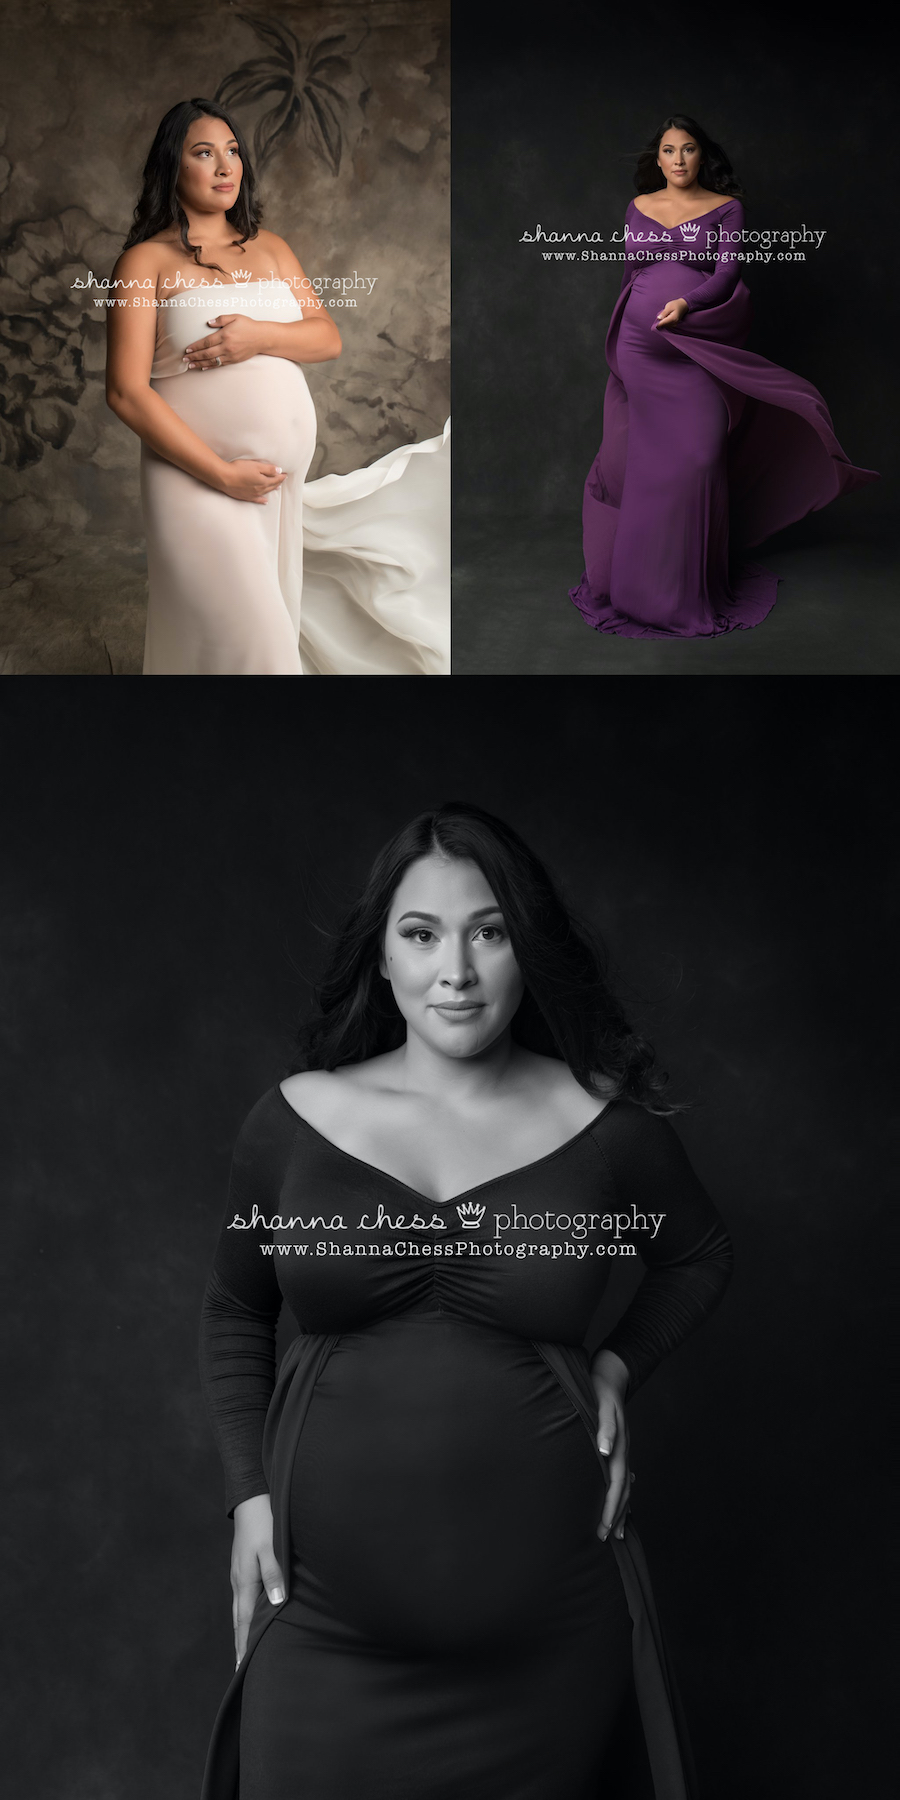 eugene oregon maternity photography studio